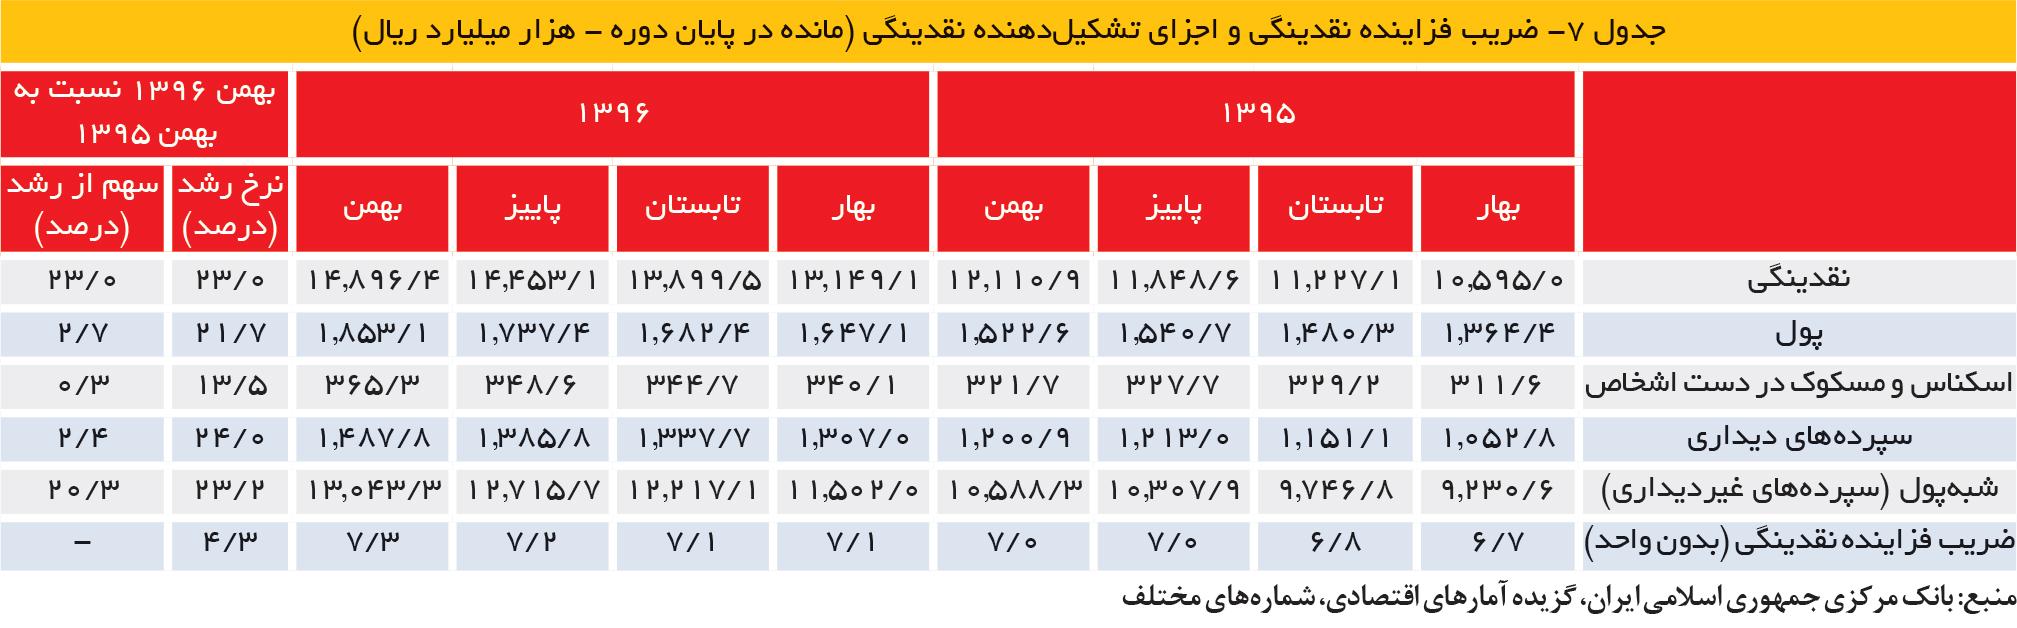 تجارت فردا- جدول 7- ضریب فزاینده نقدینگی و اجزای تشکیلدهنده نقدینگی (مانده در پایان دوره - هزار میلیارد ریال)